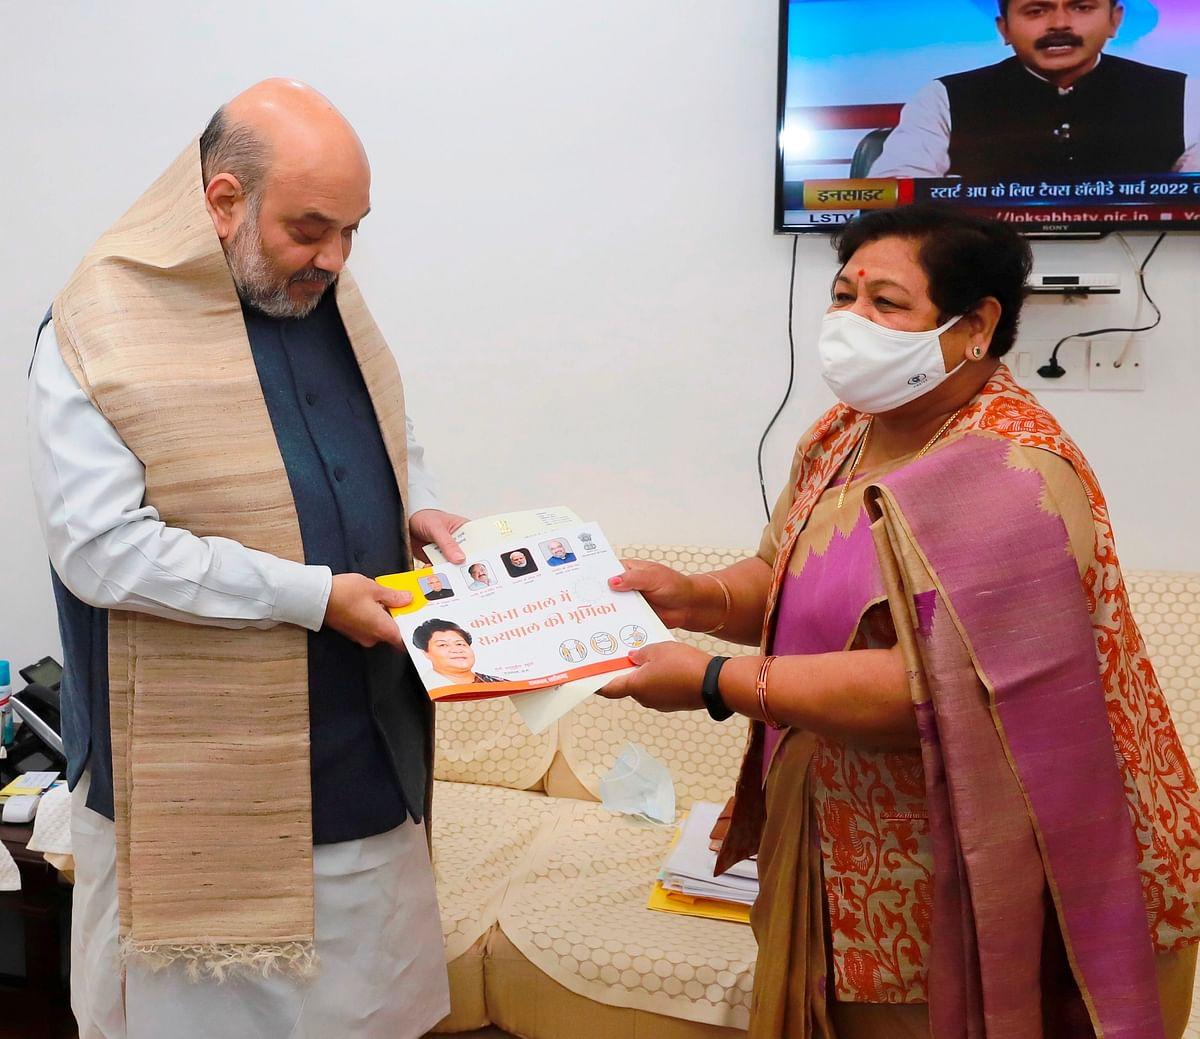 रायपुर: केन्द्रीय मंत्री अमित शाह से भेंटकर  राज्यपाल उइके  ने नक्सलवाद सहित प्रदेश के विभिन्न मुद्दों पर की चर्चा